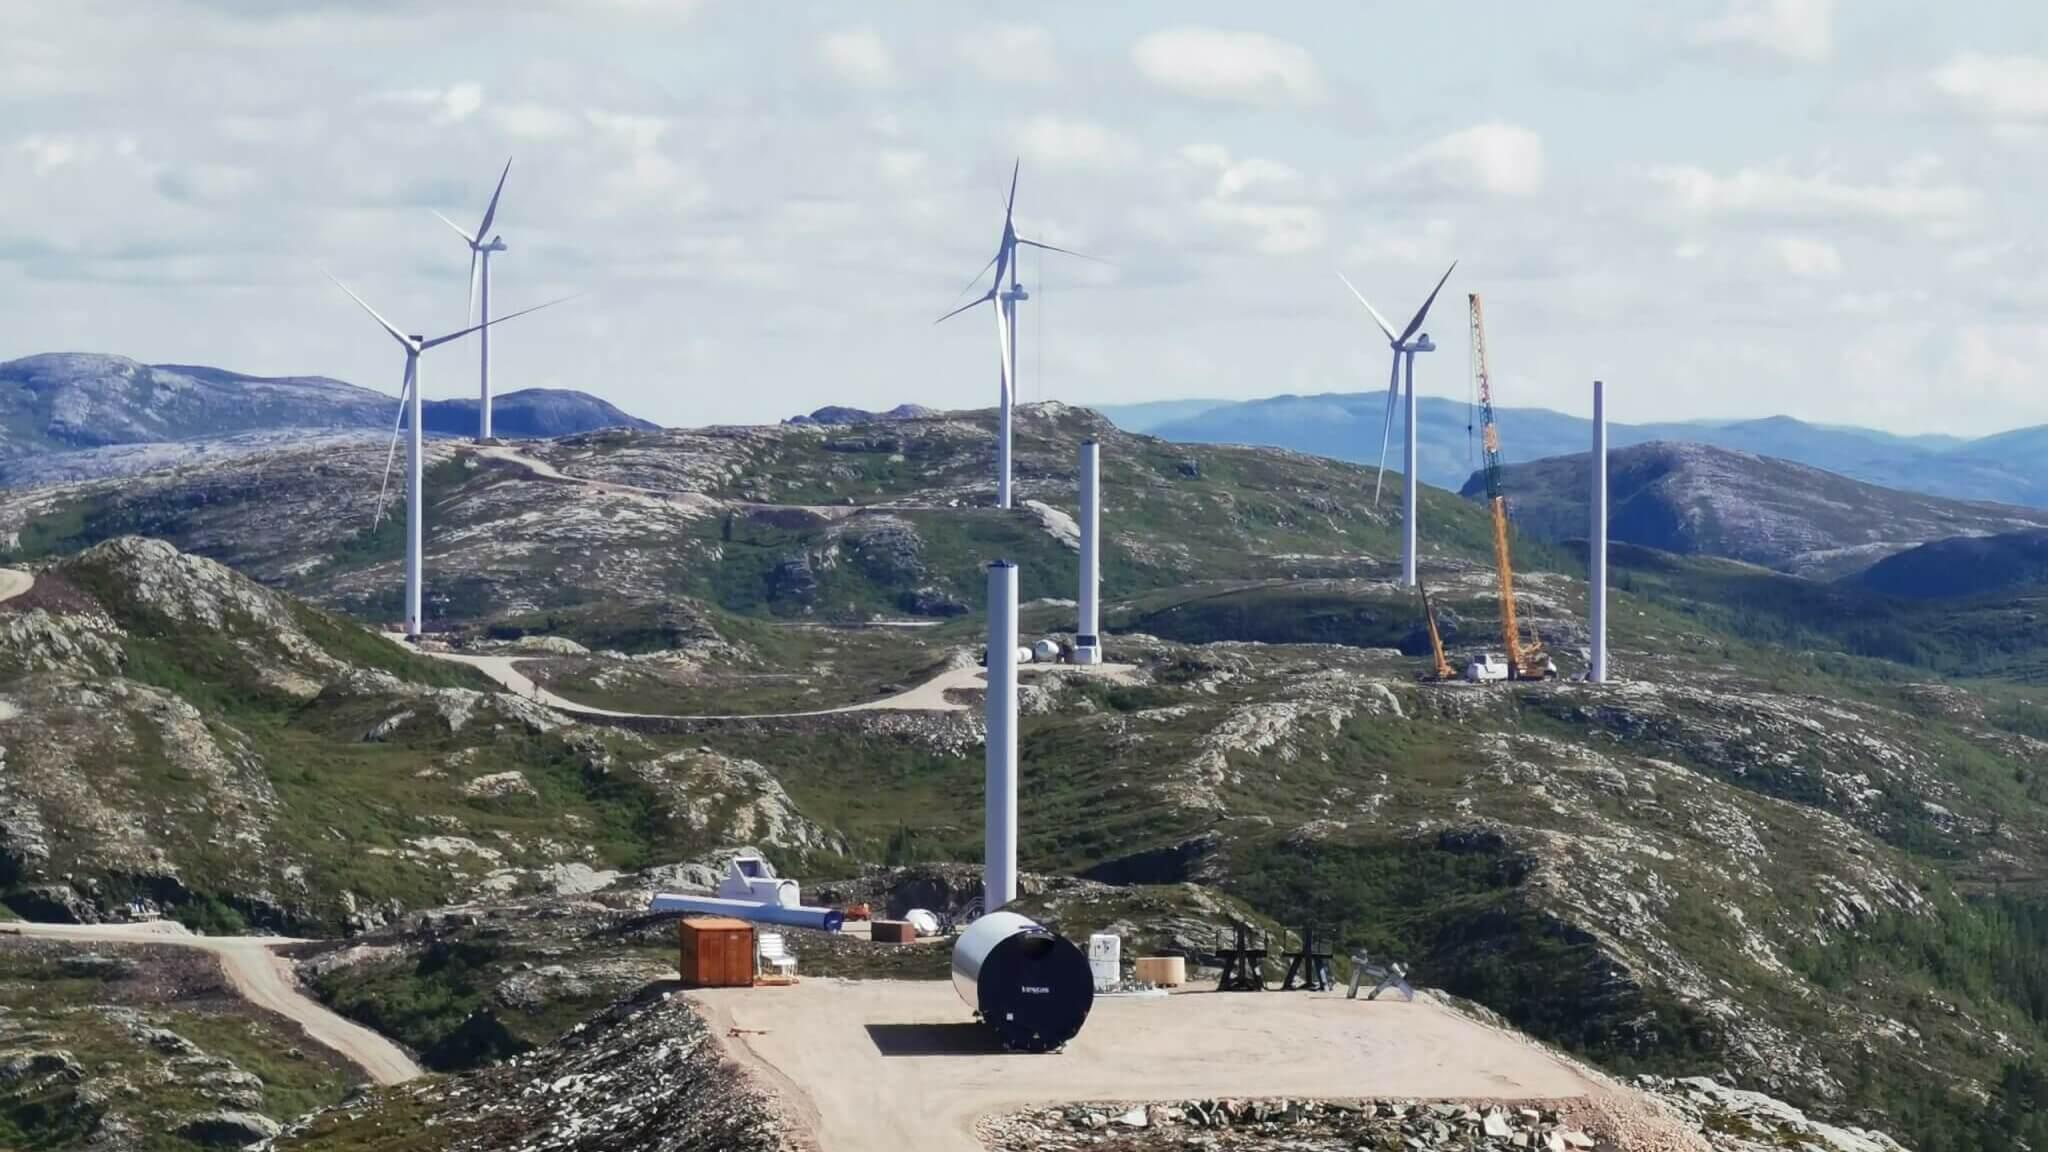 msa windmill park